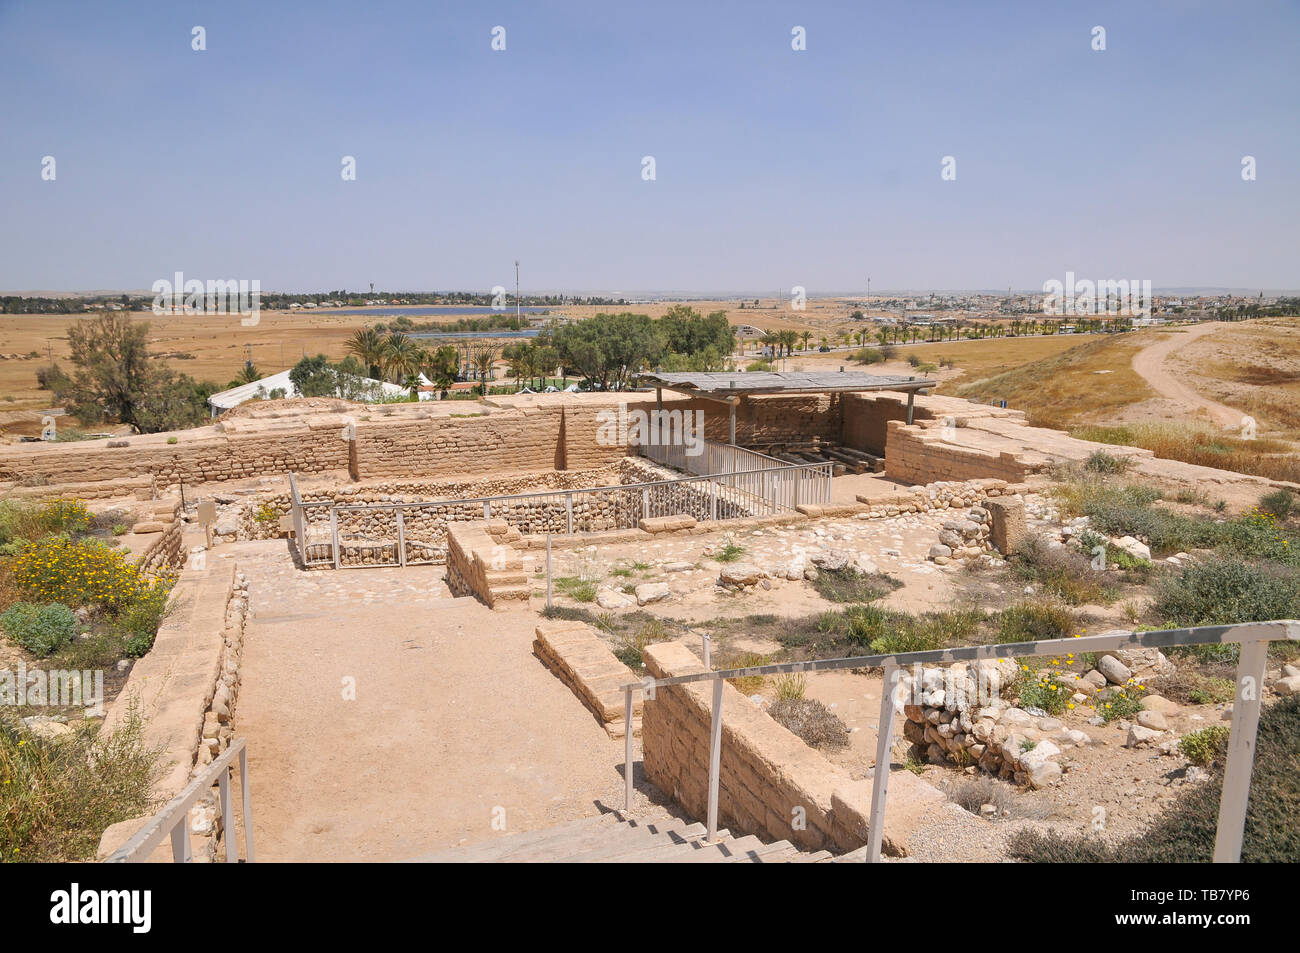 Israel, Negev, Tel Be'er Sheva...